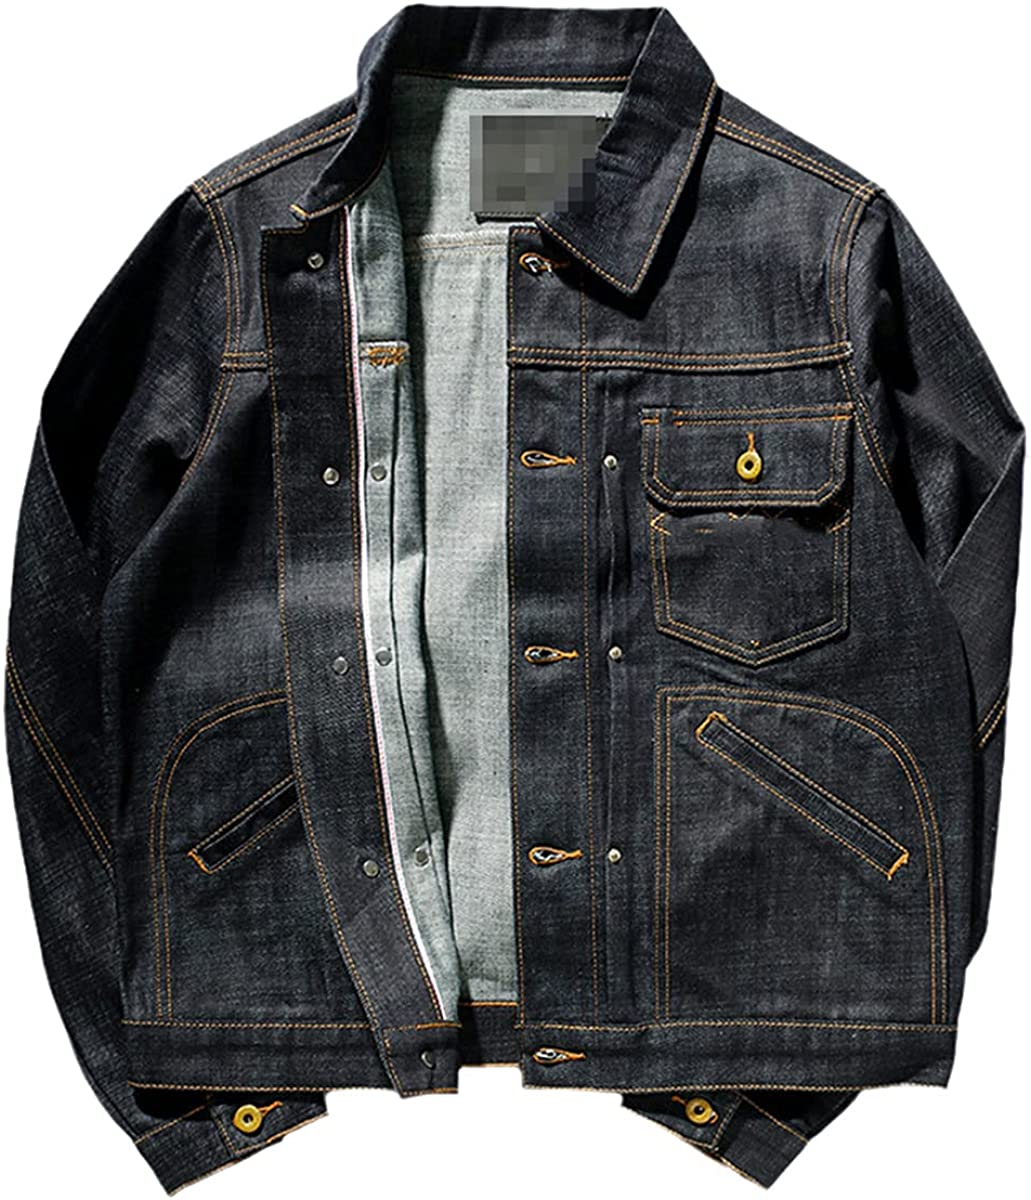 Spring Retro Denim Jacket Heavy Wash Old Men's Fashion Motorcycle Denim Tooling Jacket Jacket